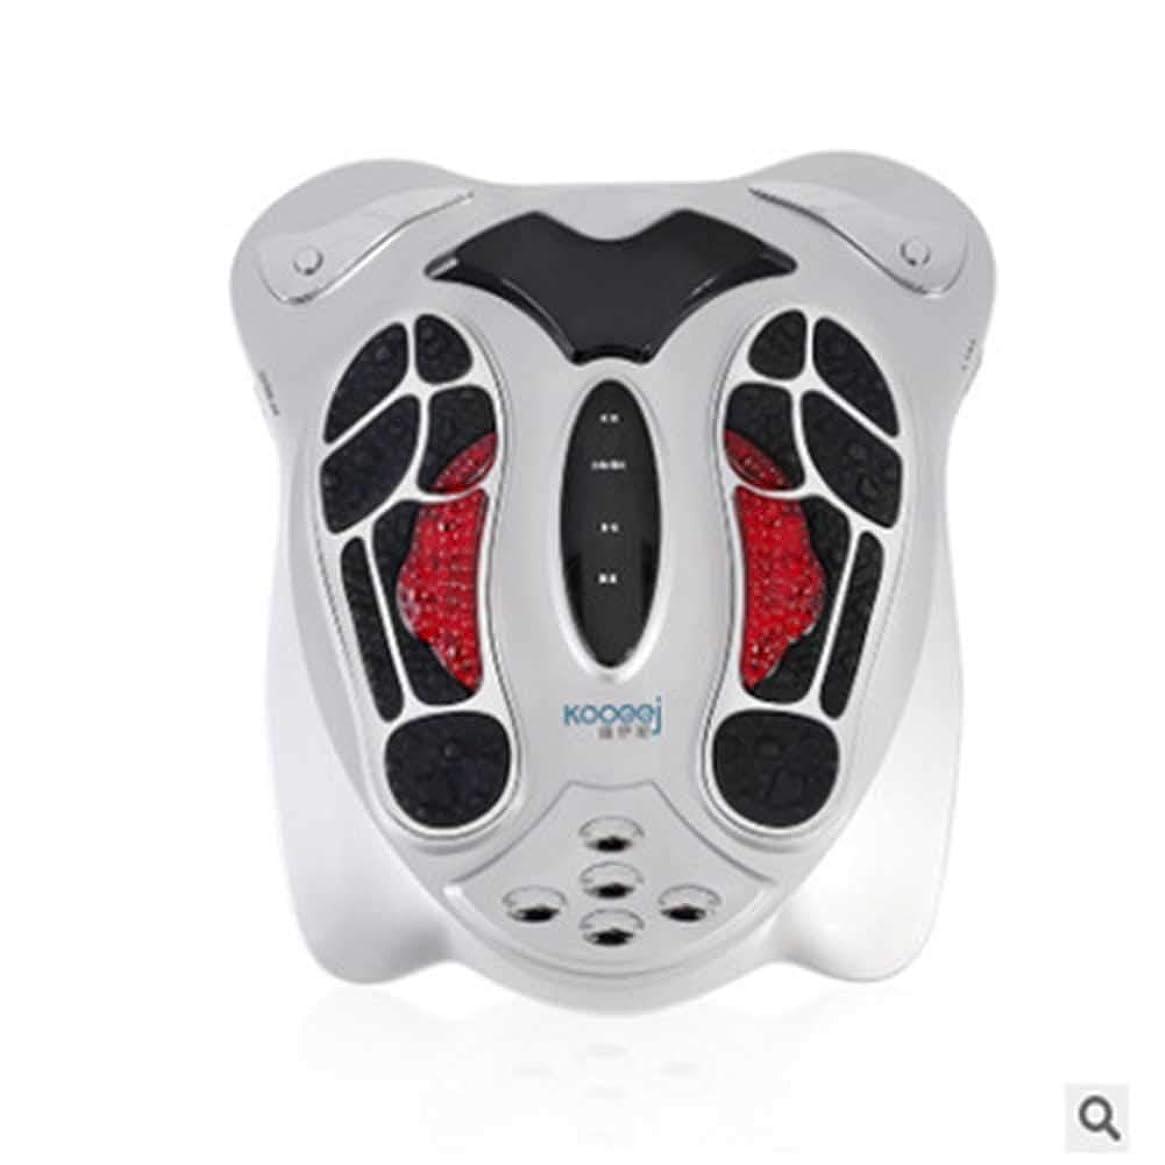 カール充実接続された赤外線フットマッサージャーフットマッサージャーフットマッサージャー低周波健康理学療法器具, Silver